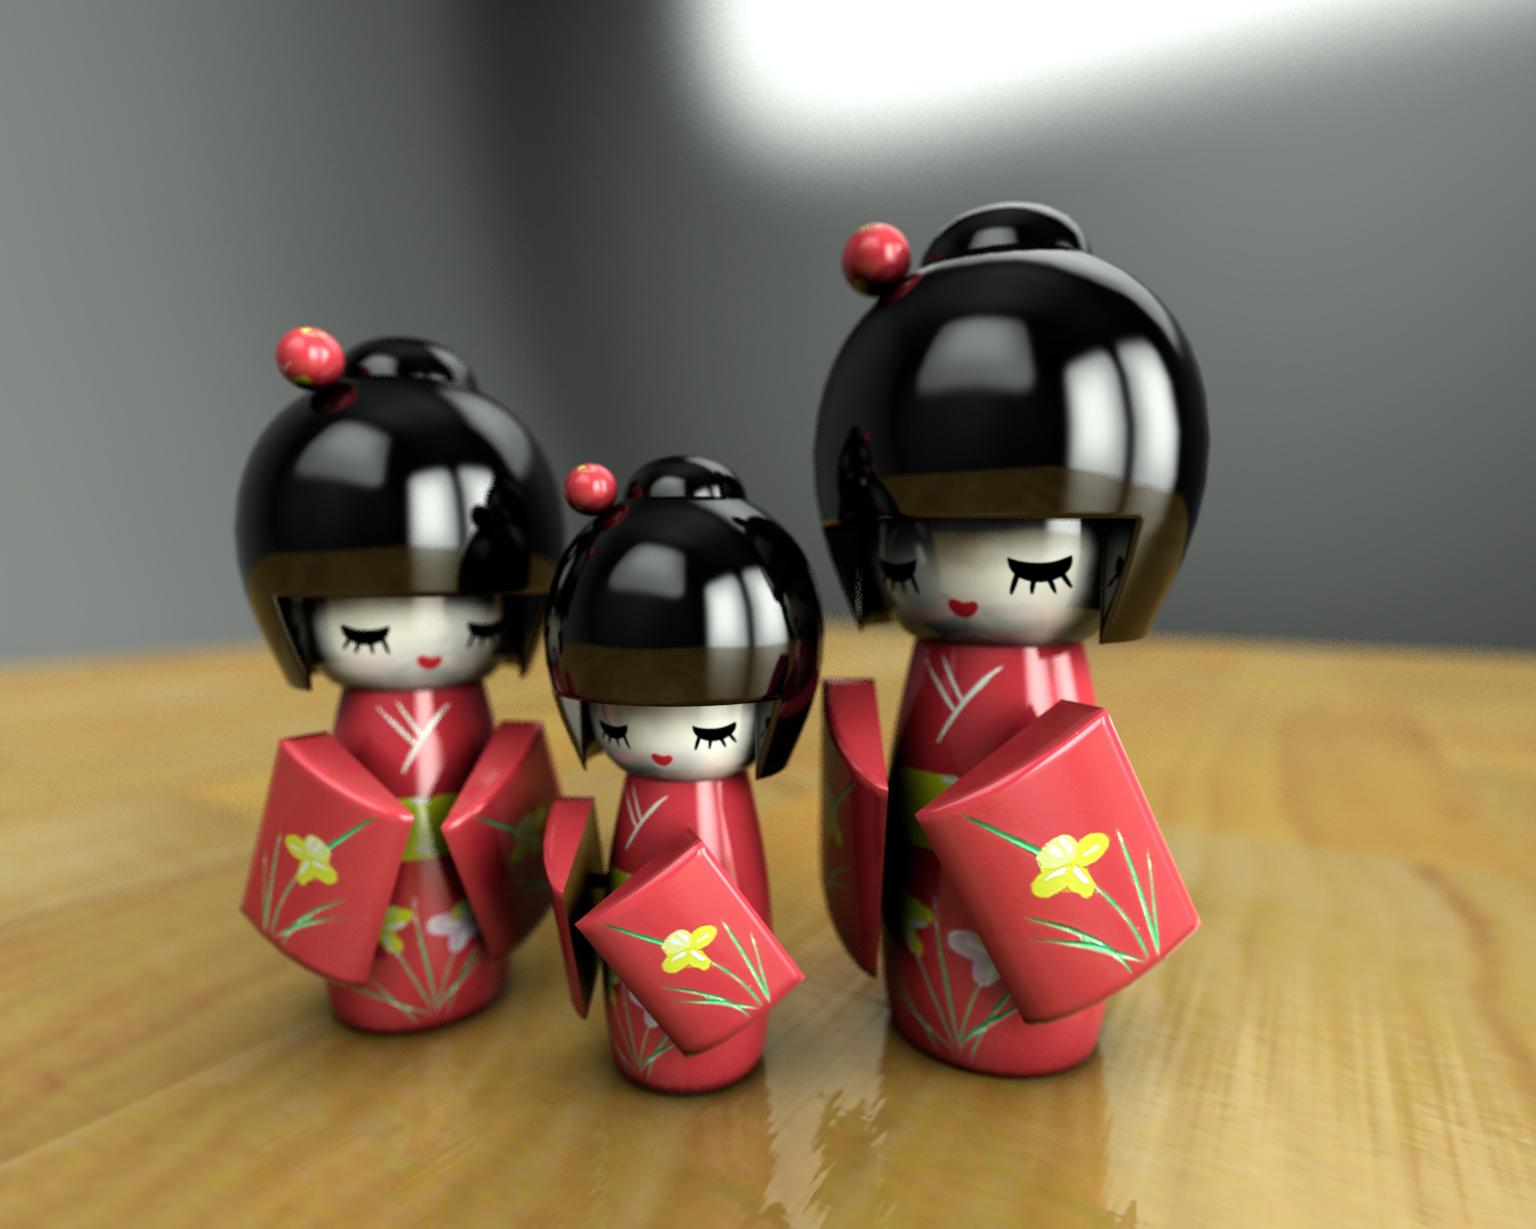 http://1.bp.blogspot.com/-l6tPTTGh7uo/TtDDyfvxzJI/AAAAAAAABA4/eljnRCSUBbg/s1600/Doll_2_Setx3.jpg